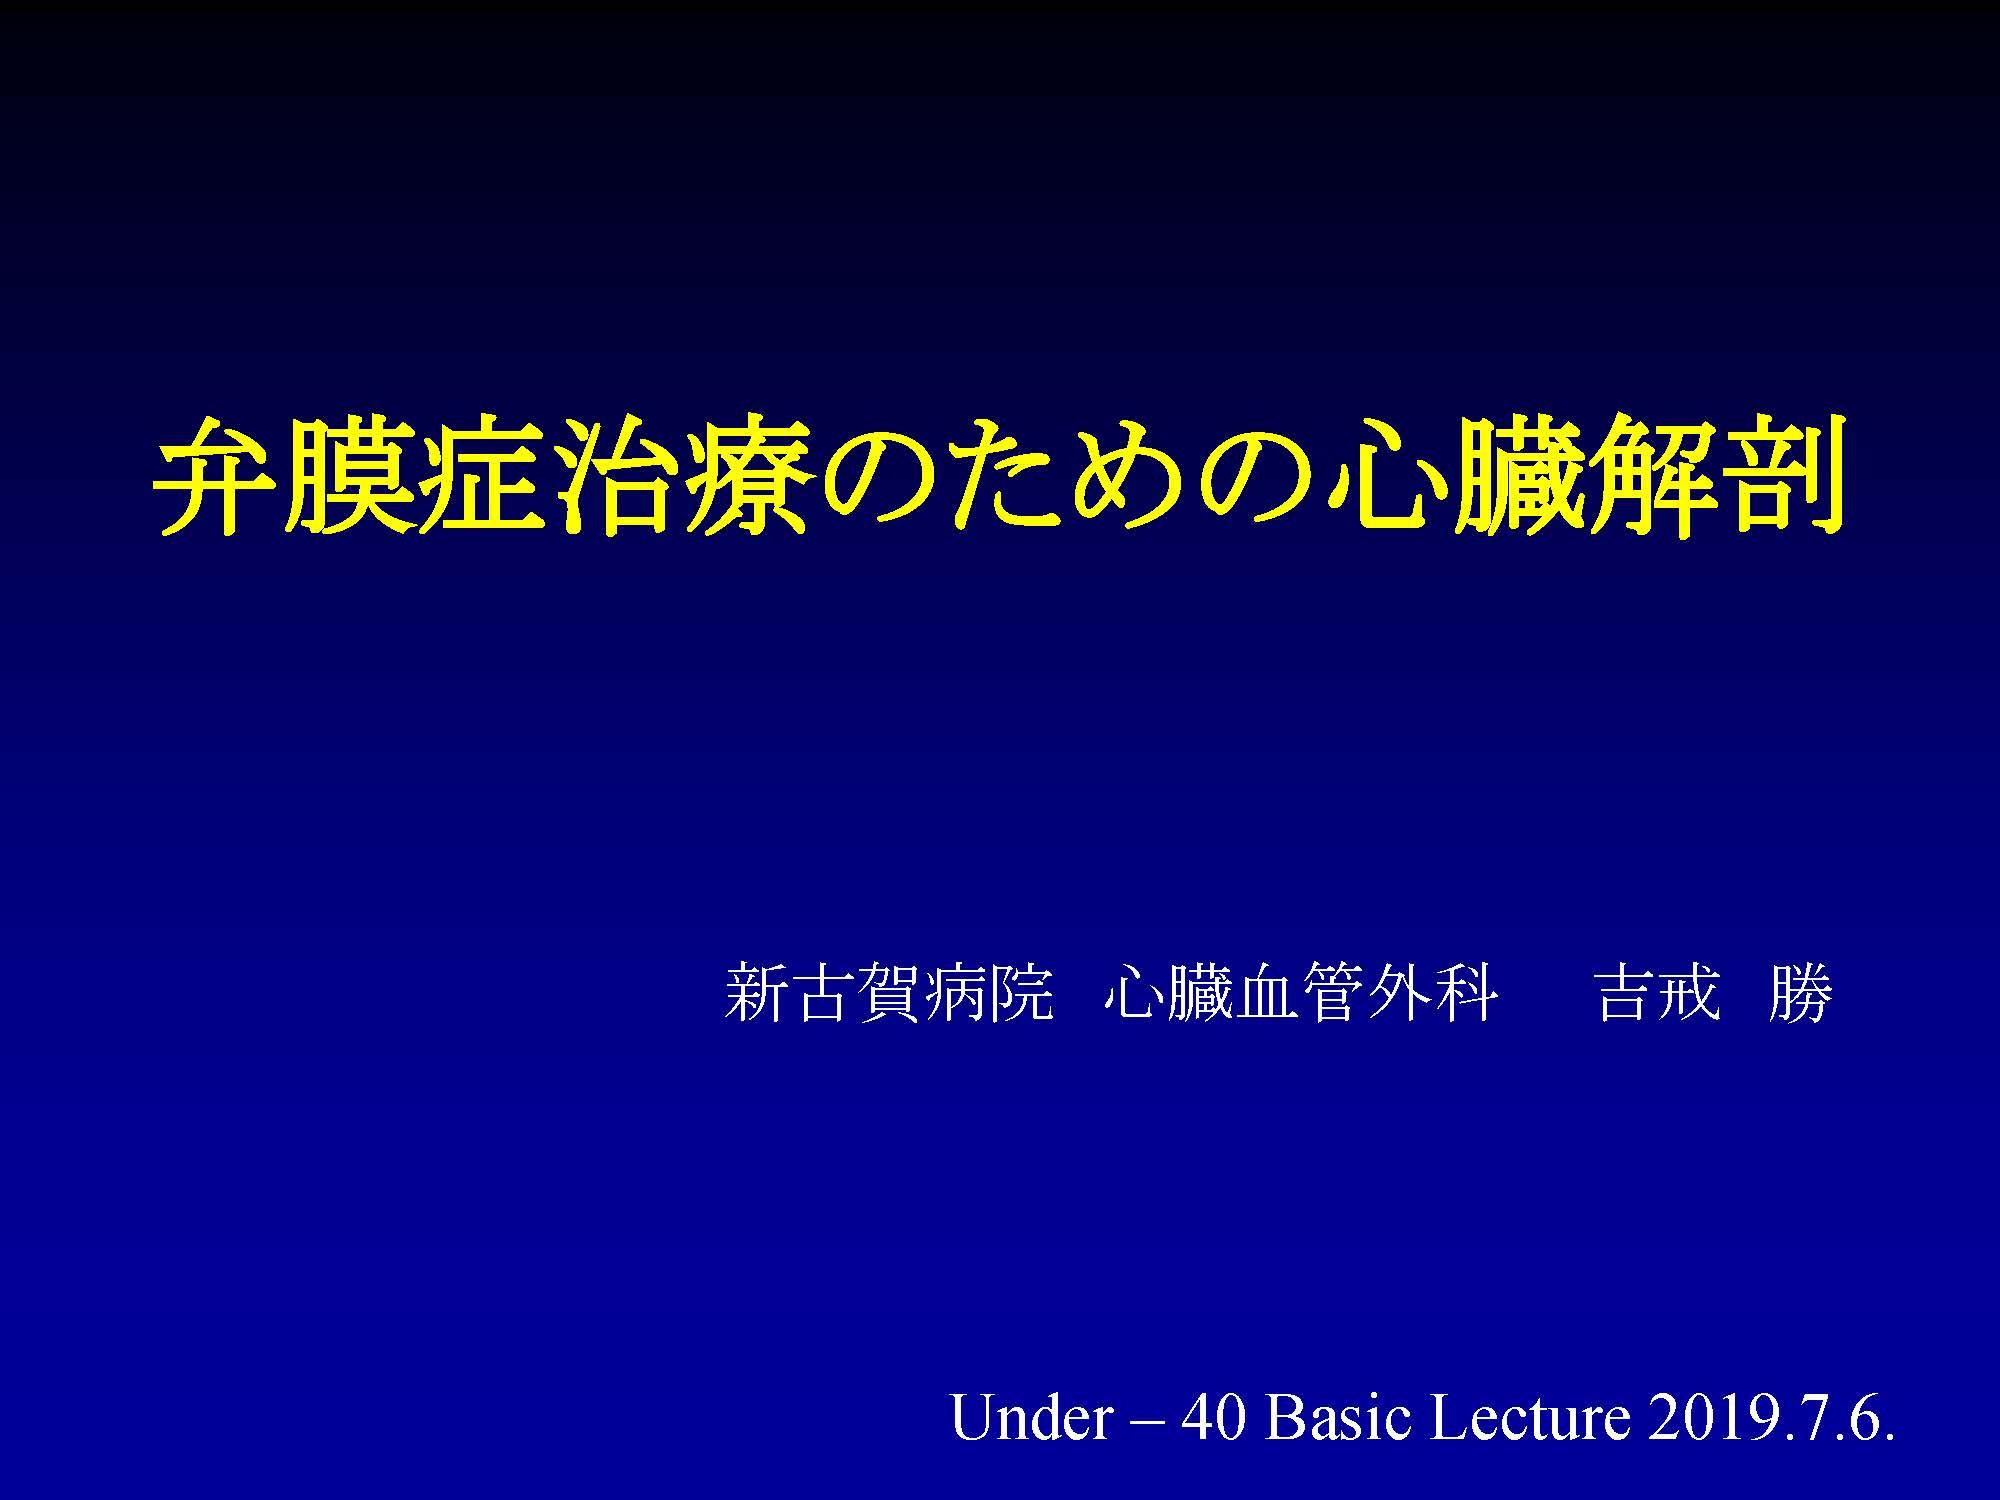 九州沖縄U-40BLC2019吉戒先生解剖講義